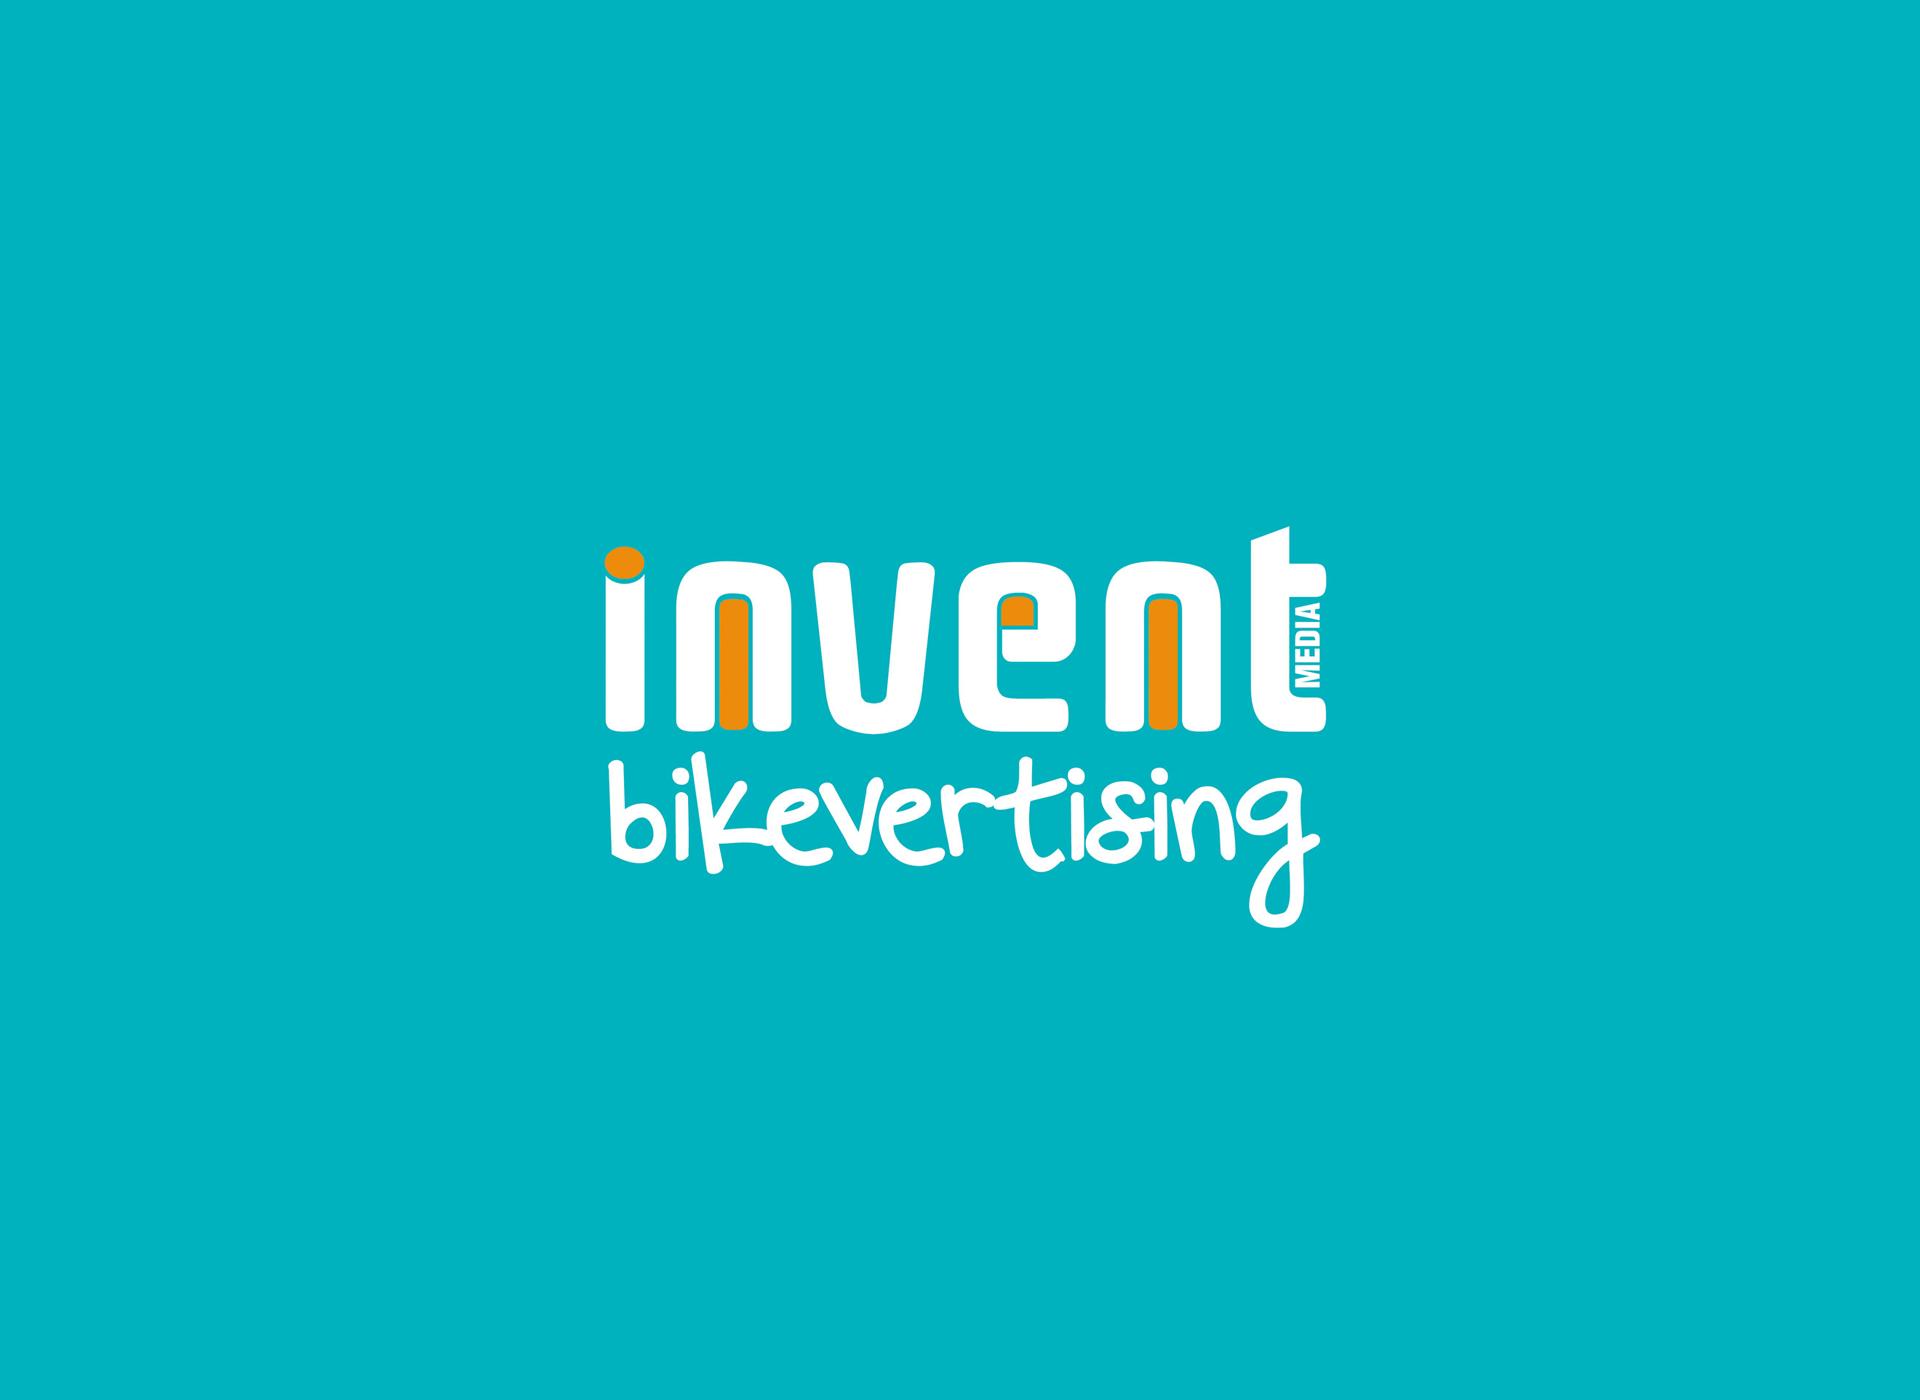 Bikevertising